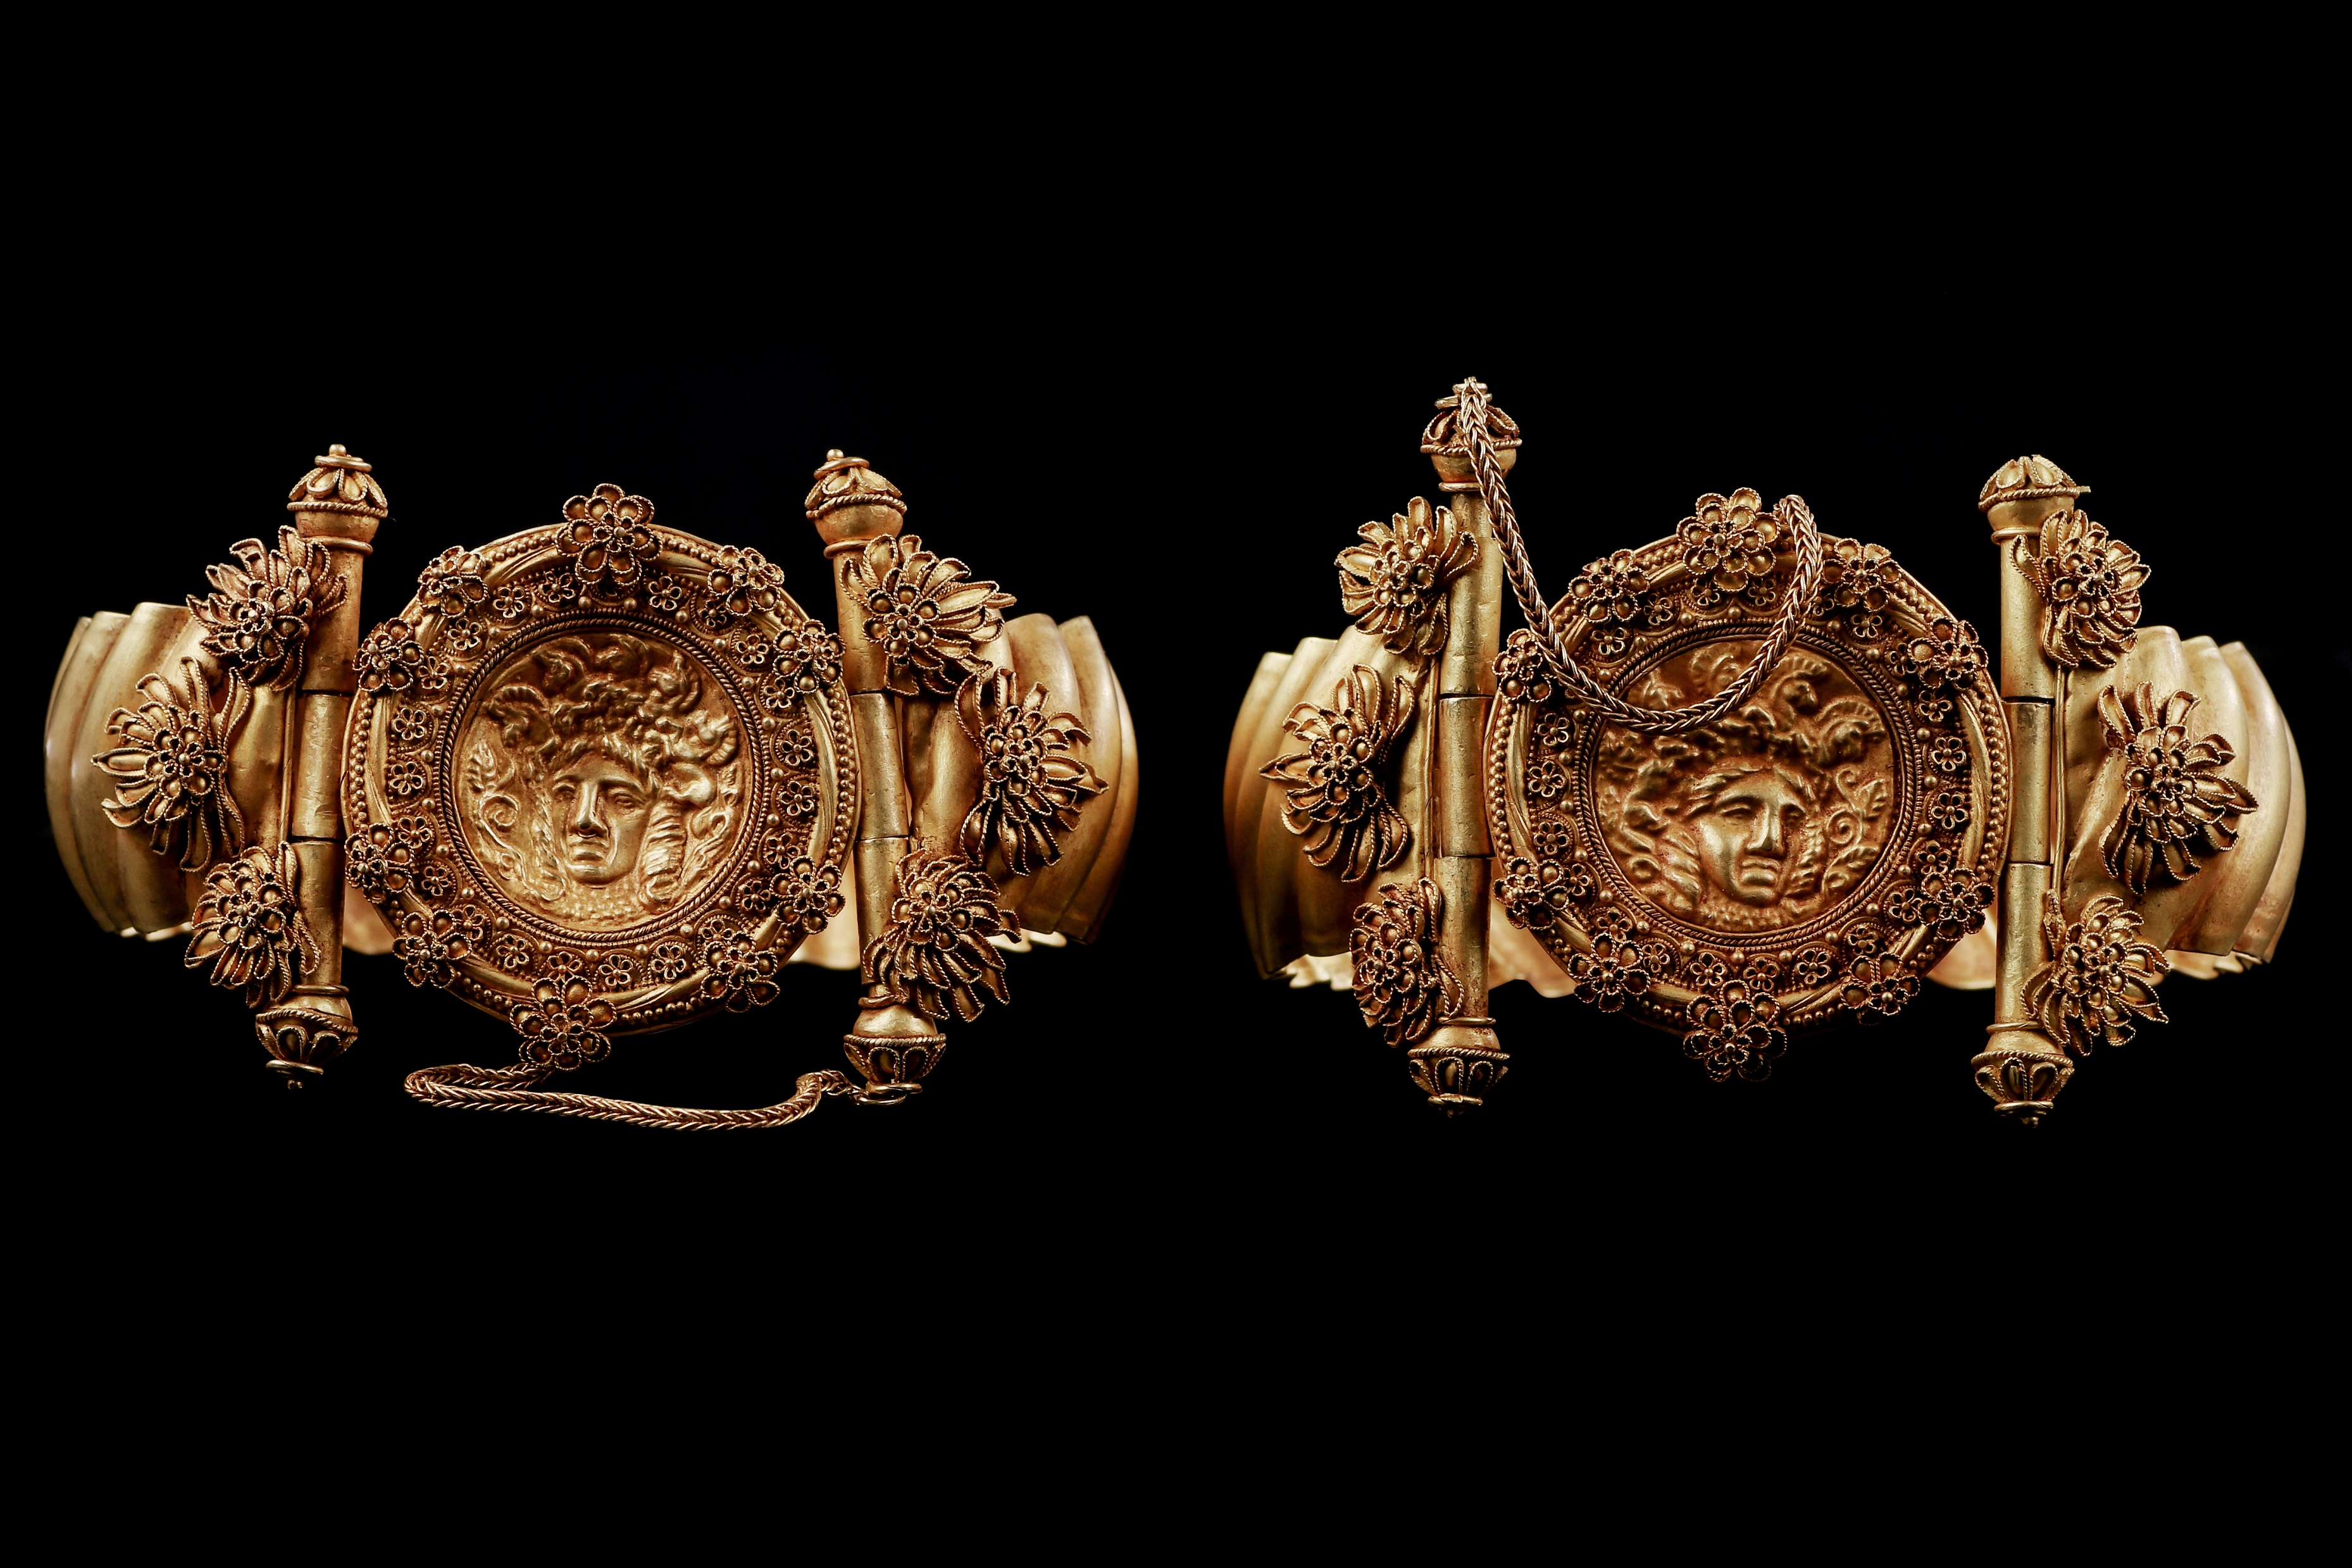 Vente Militaria, Antiquités et Collections #3 chez Karabela Auctions GmbH : 181 lots